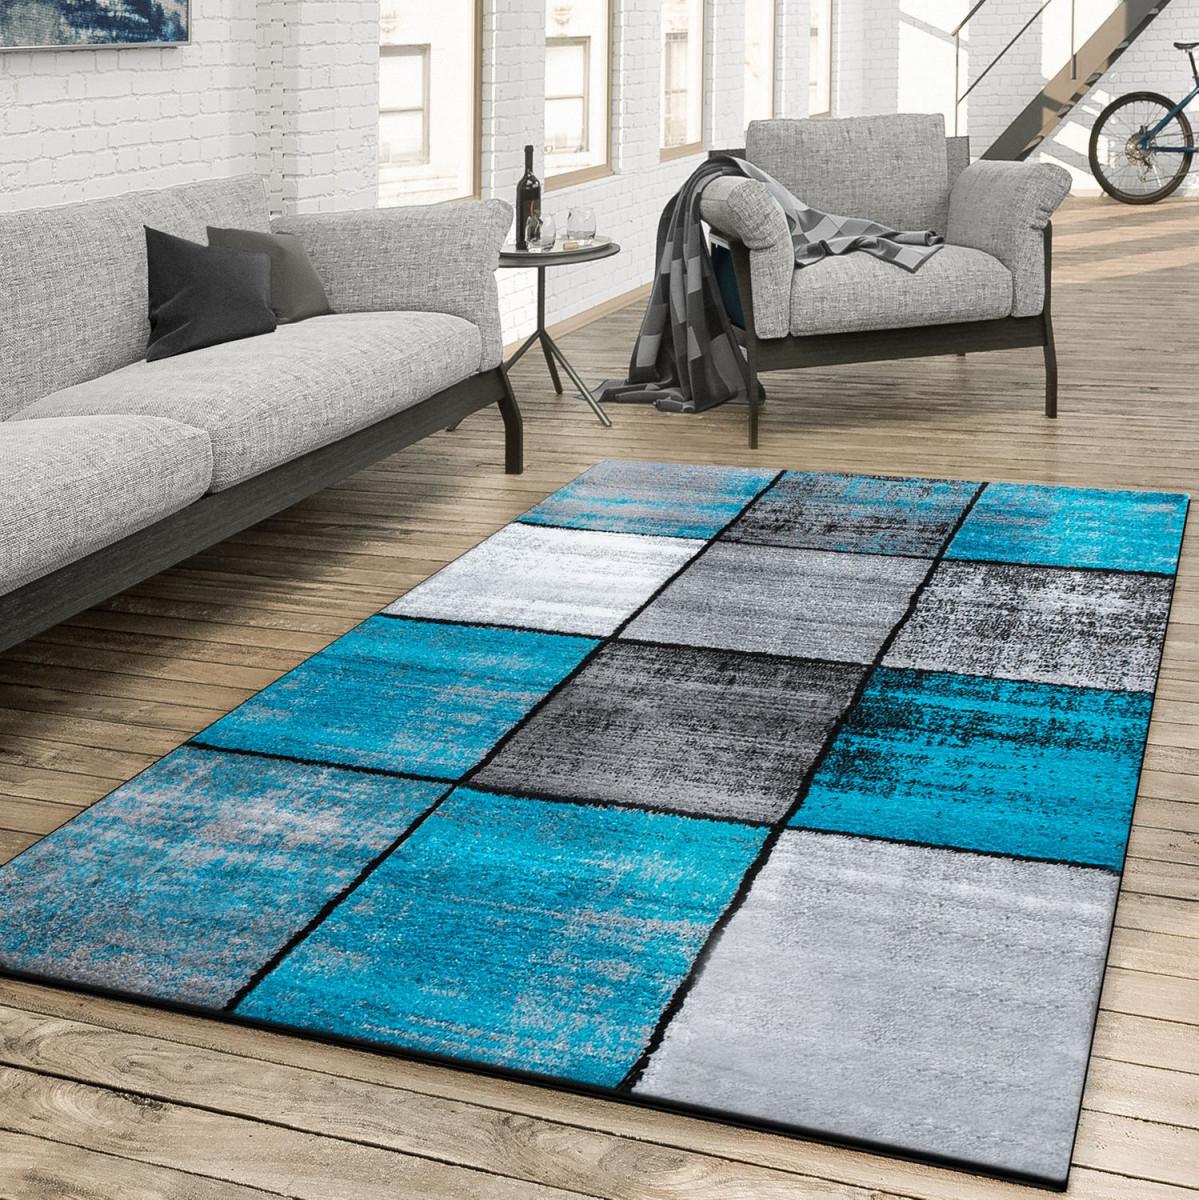 Details Zu Teppich Wohnzimmer Modern Kariert Meliert Grau Schwarz Türkis von Teppich Wohnzimmer Türkis Bild